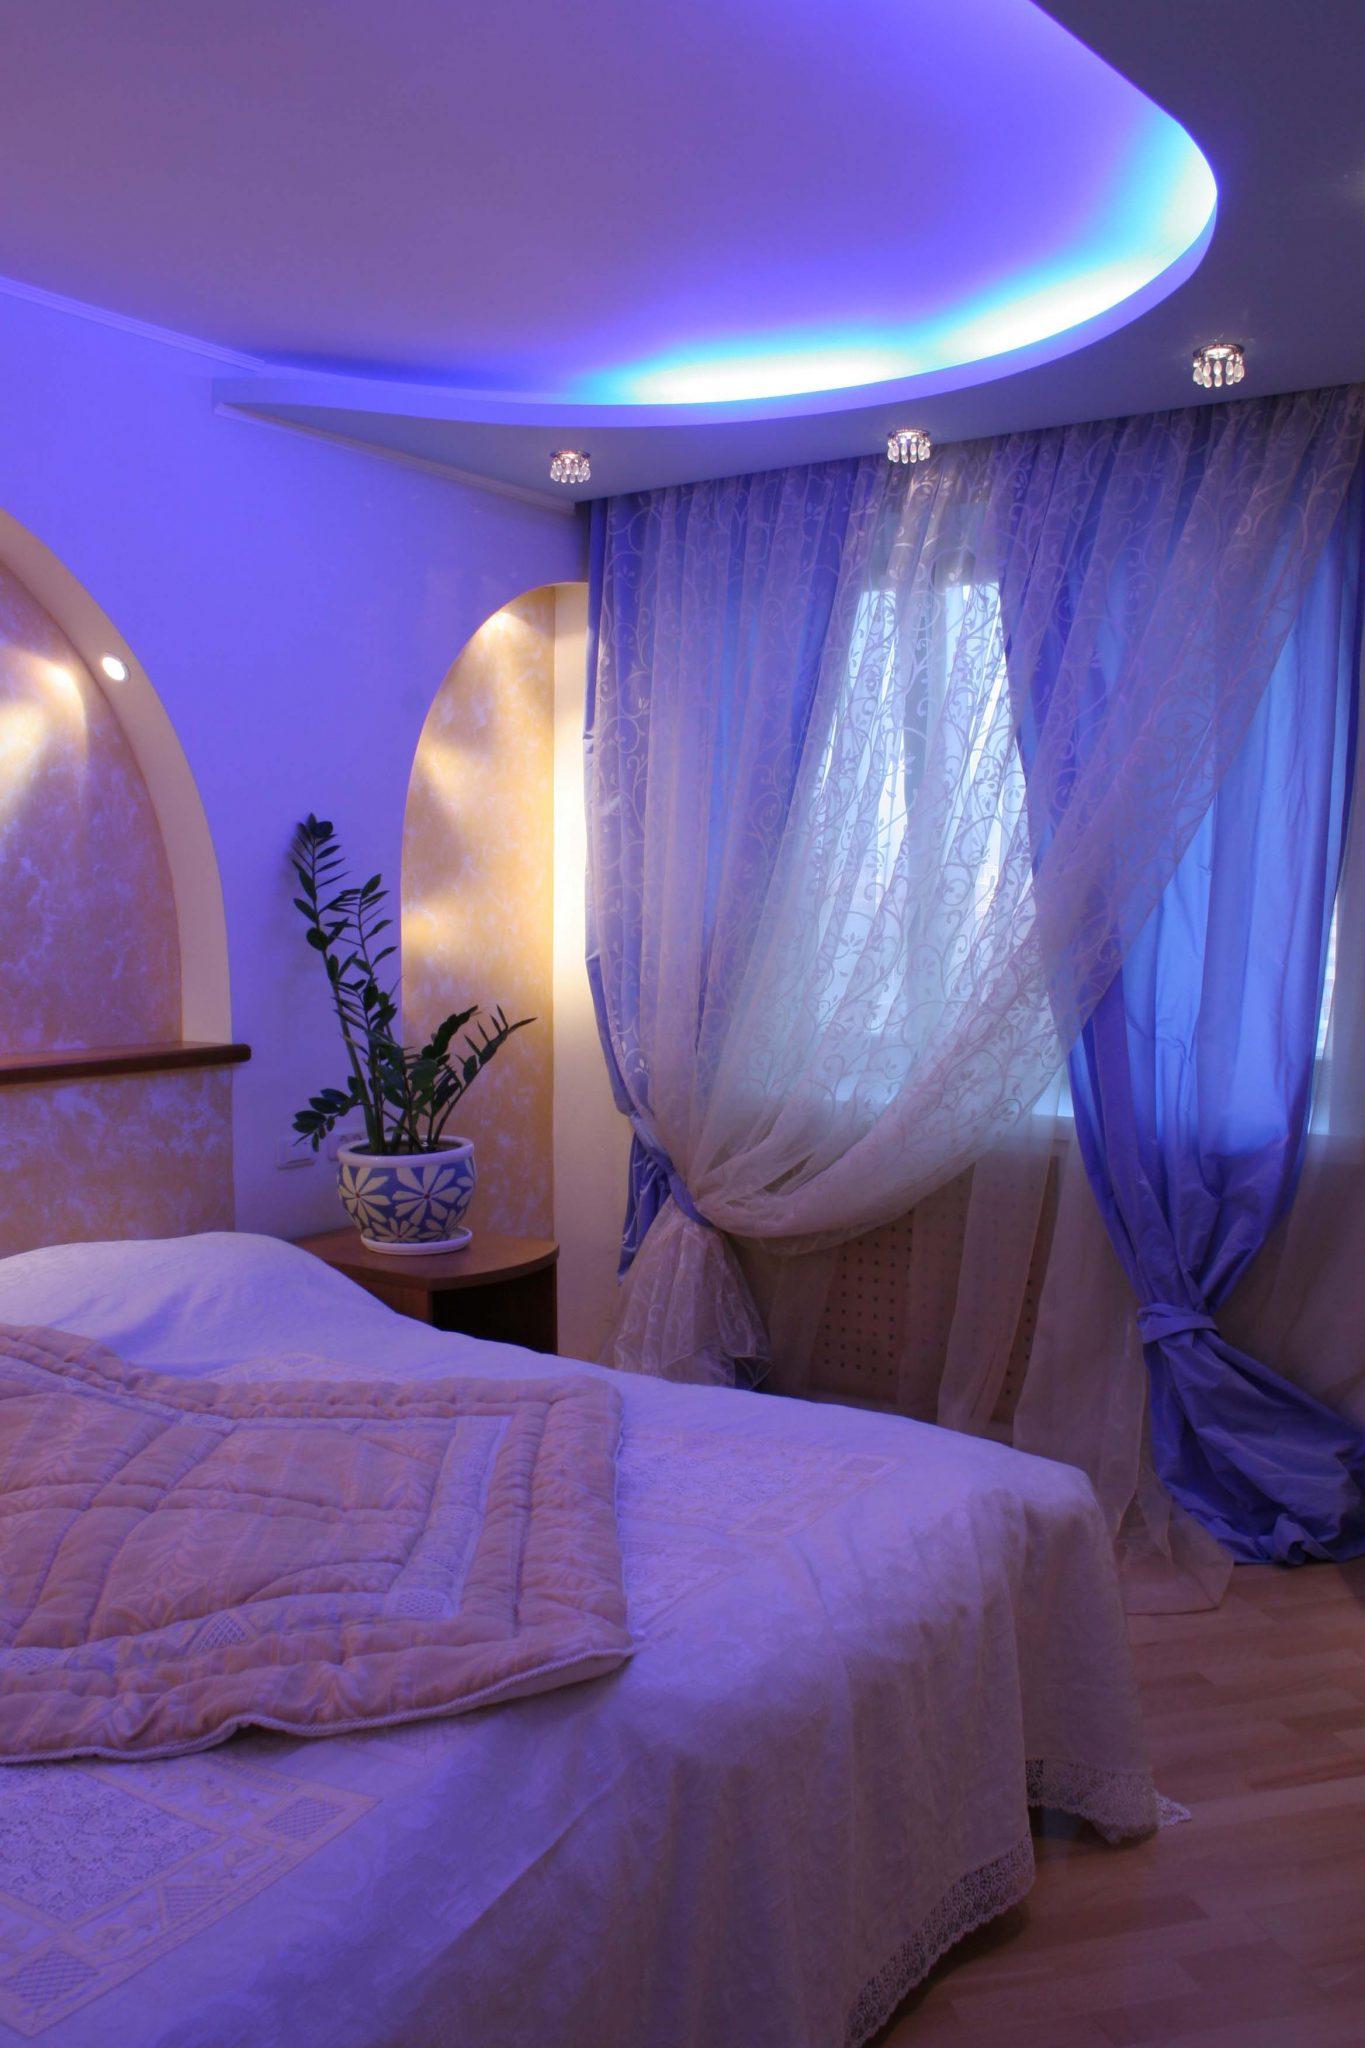 Фото воплощенного интерьера спальни